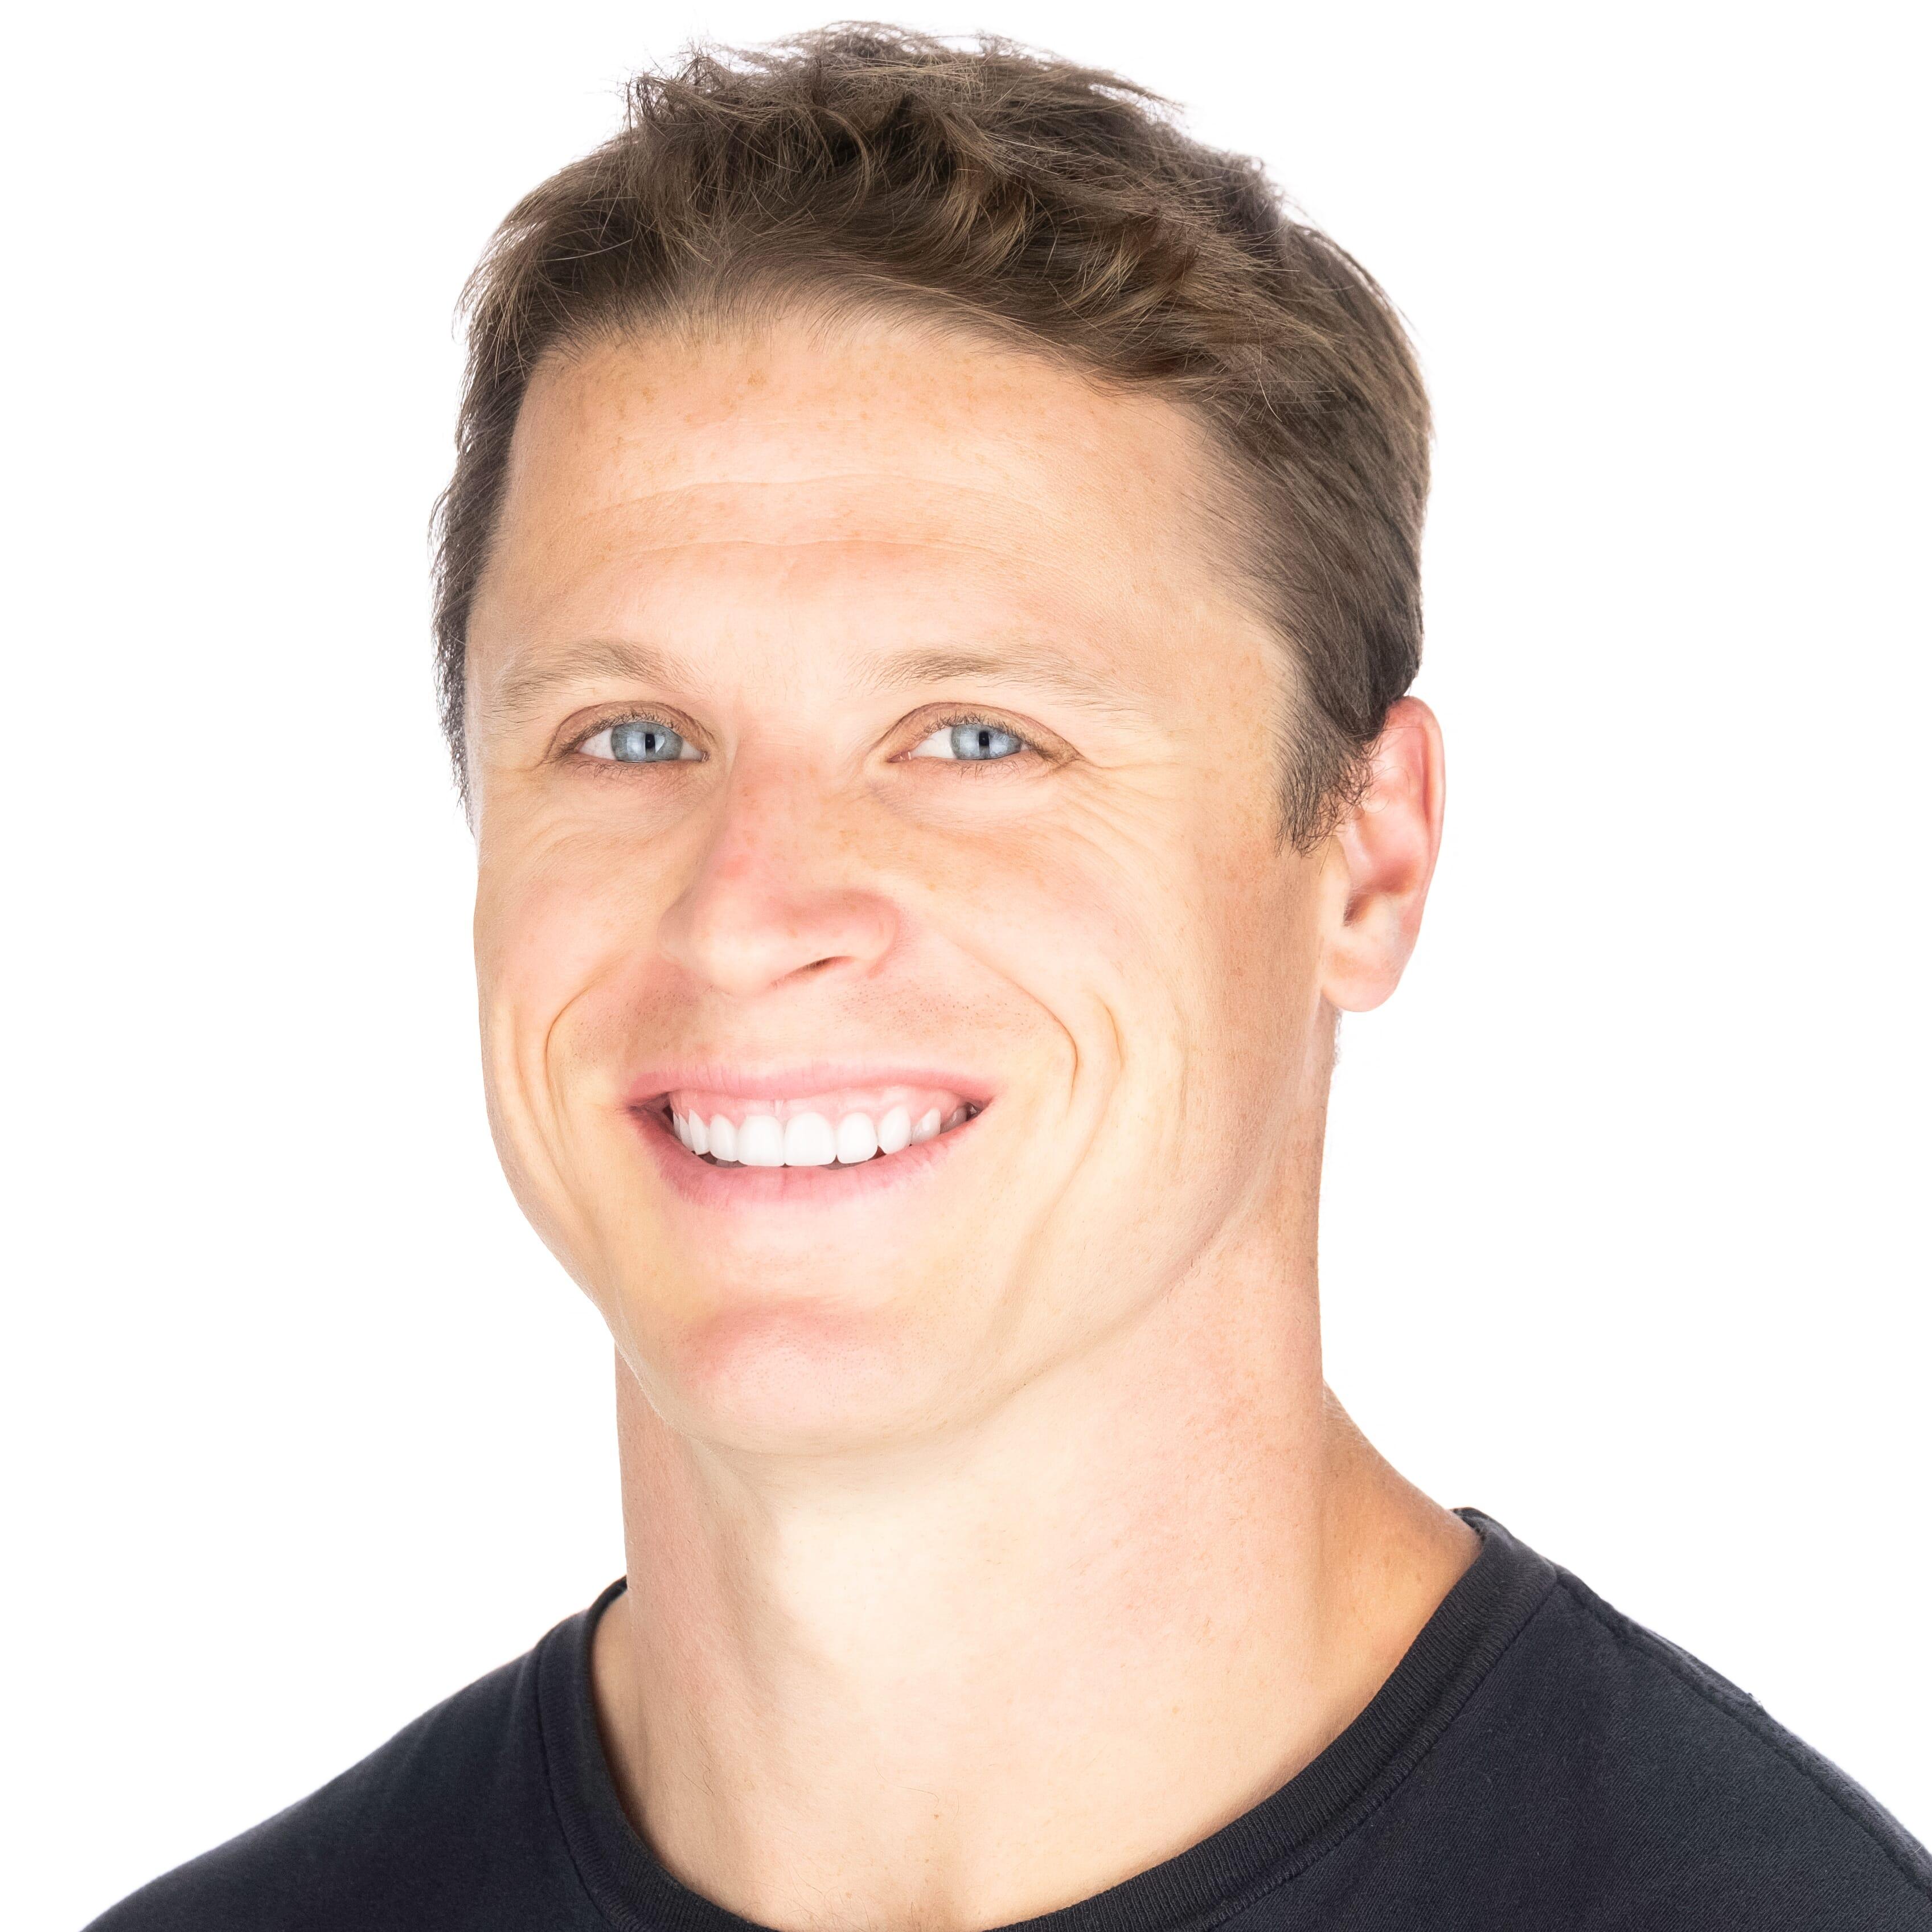 Jesse O'Brien